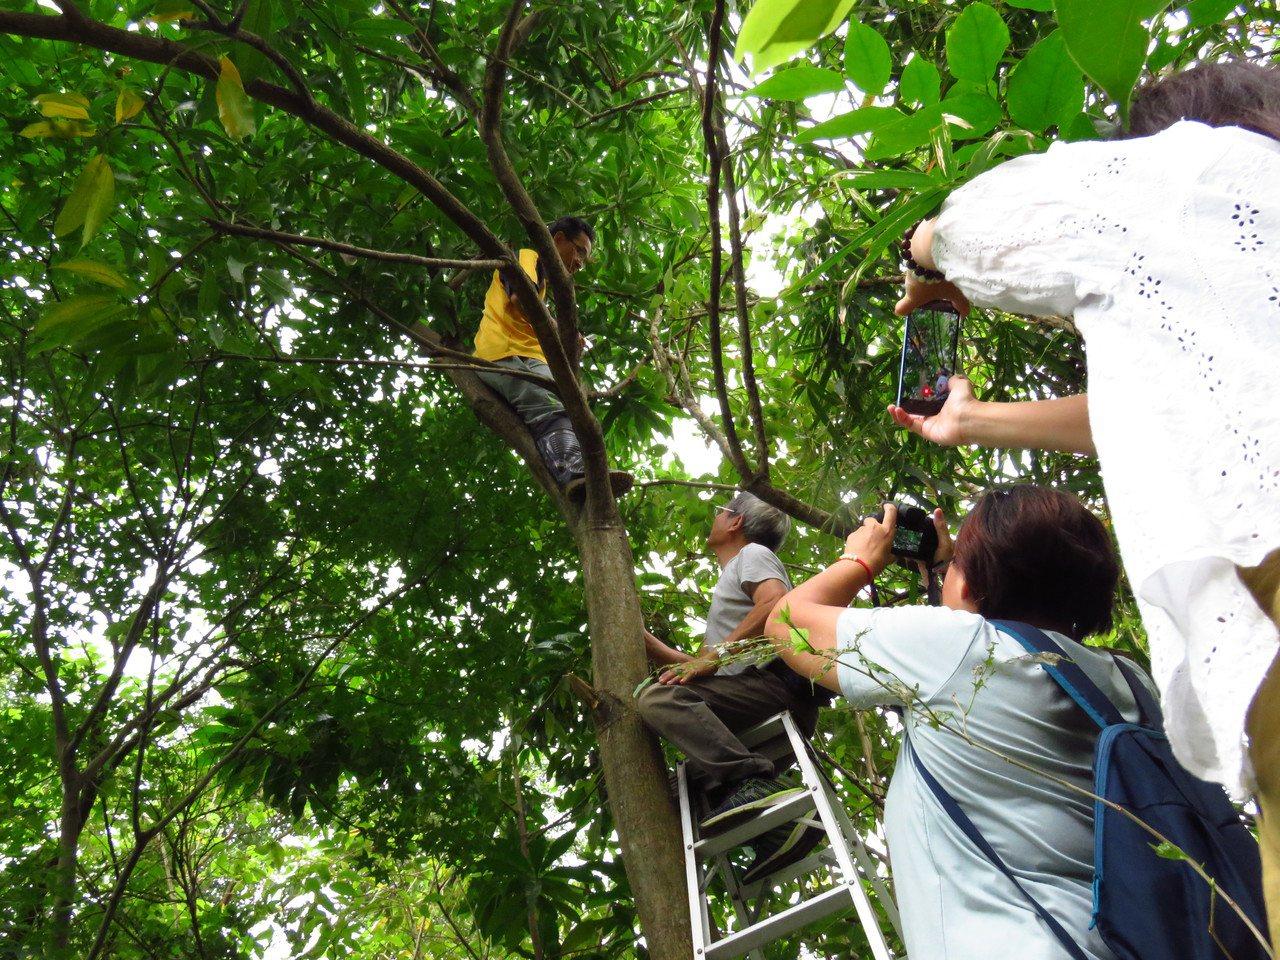 基隆內寮濕地出現尖翅翠蛺蝶國內首次發現記錄,生態保育人士在濕地旁的芒果樹,尋找尖...